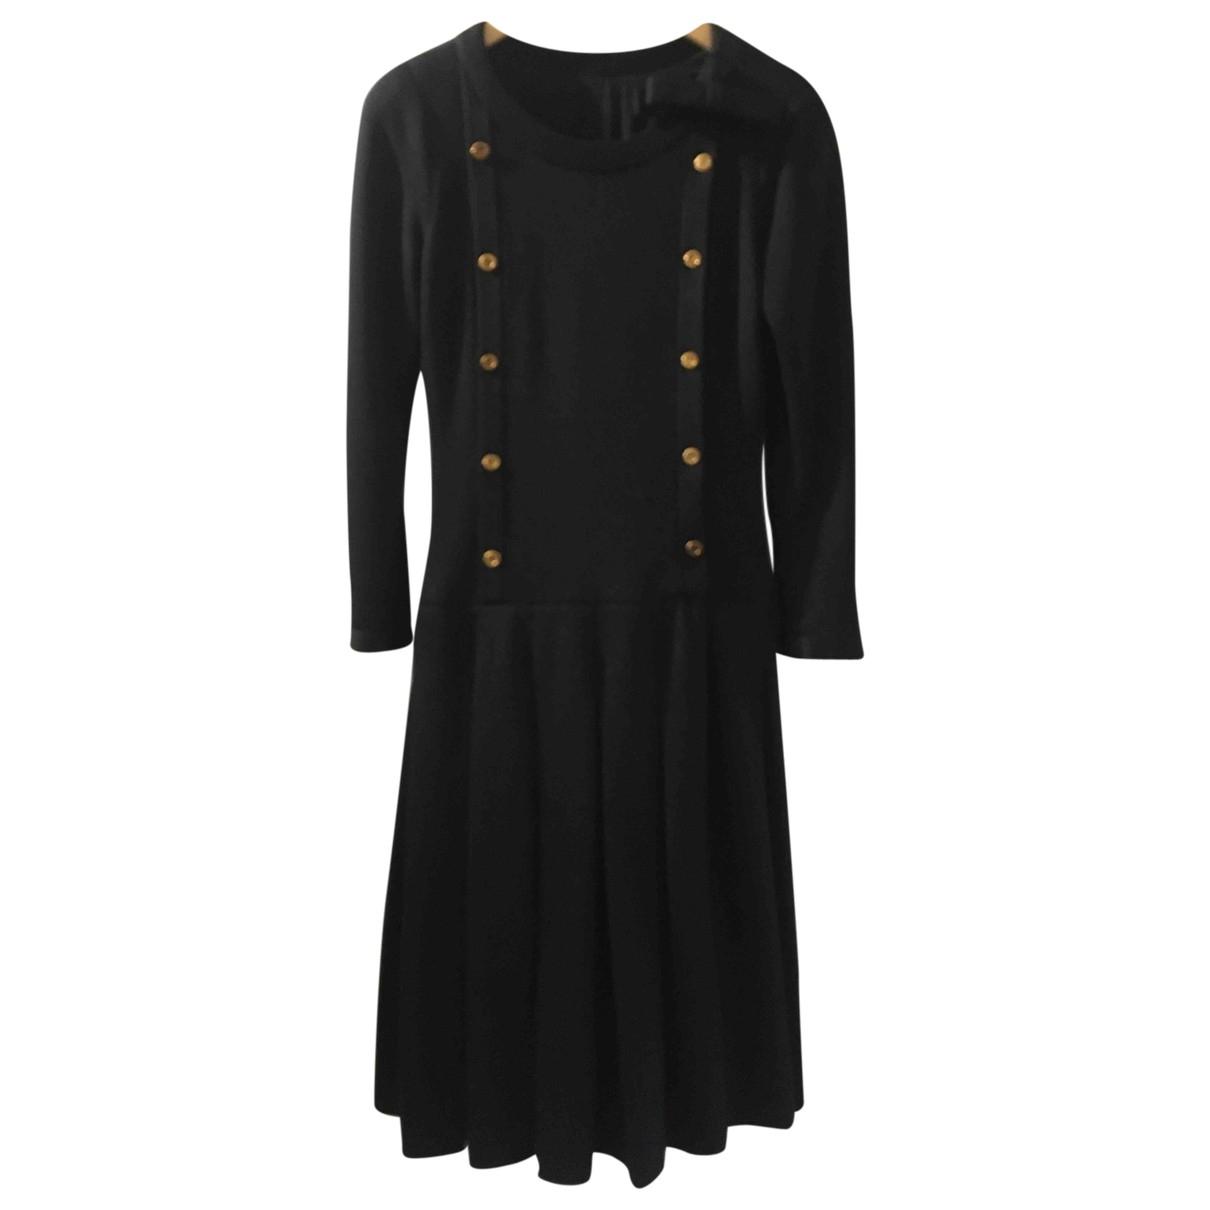 Chanel \N Black Wool dress for Women 36 FR